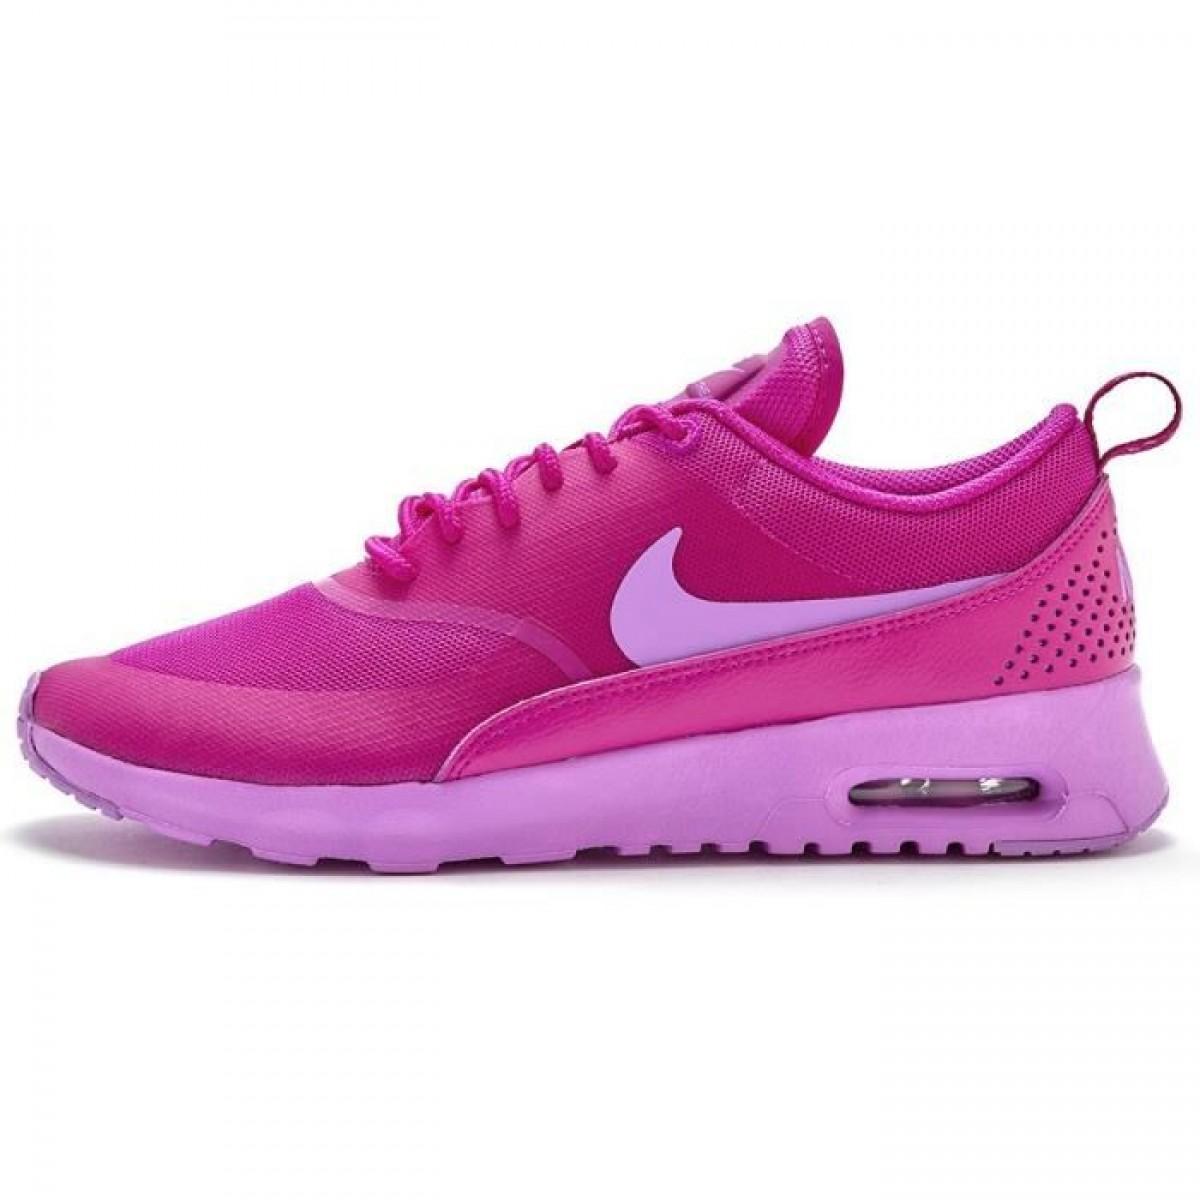 Vente Thea produits Air Nike Max Thea Achat Max Nike Femme Air dnZwpwqAv